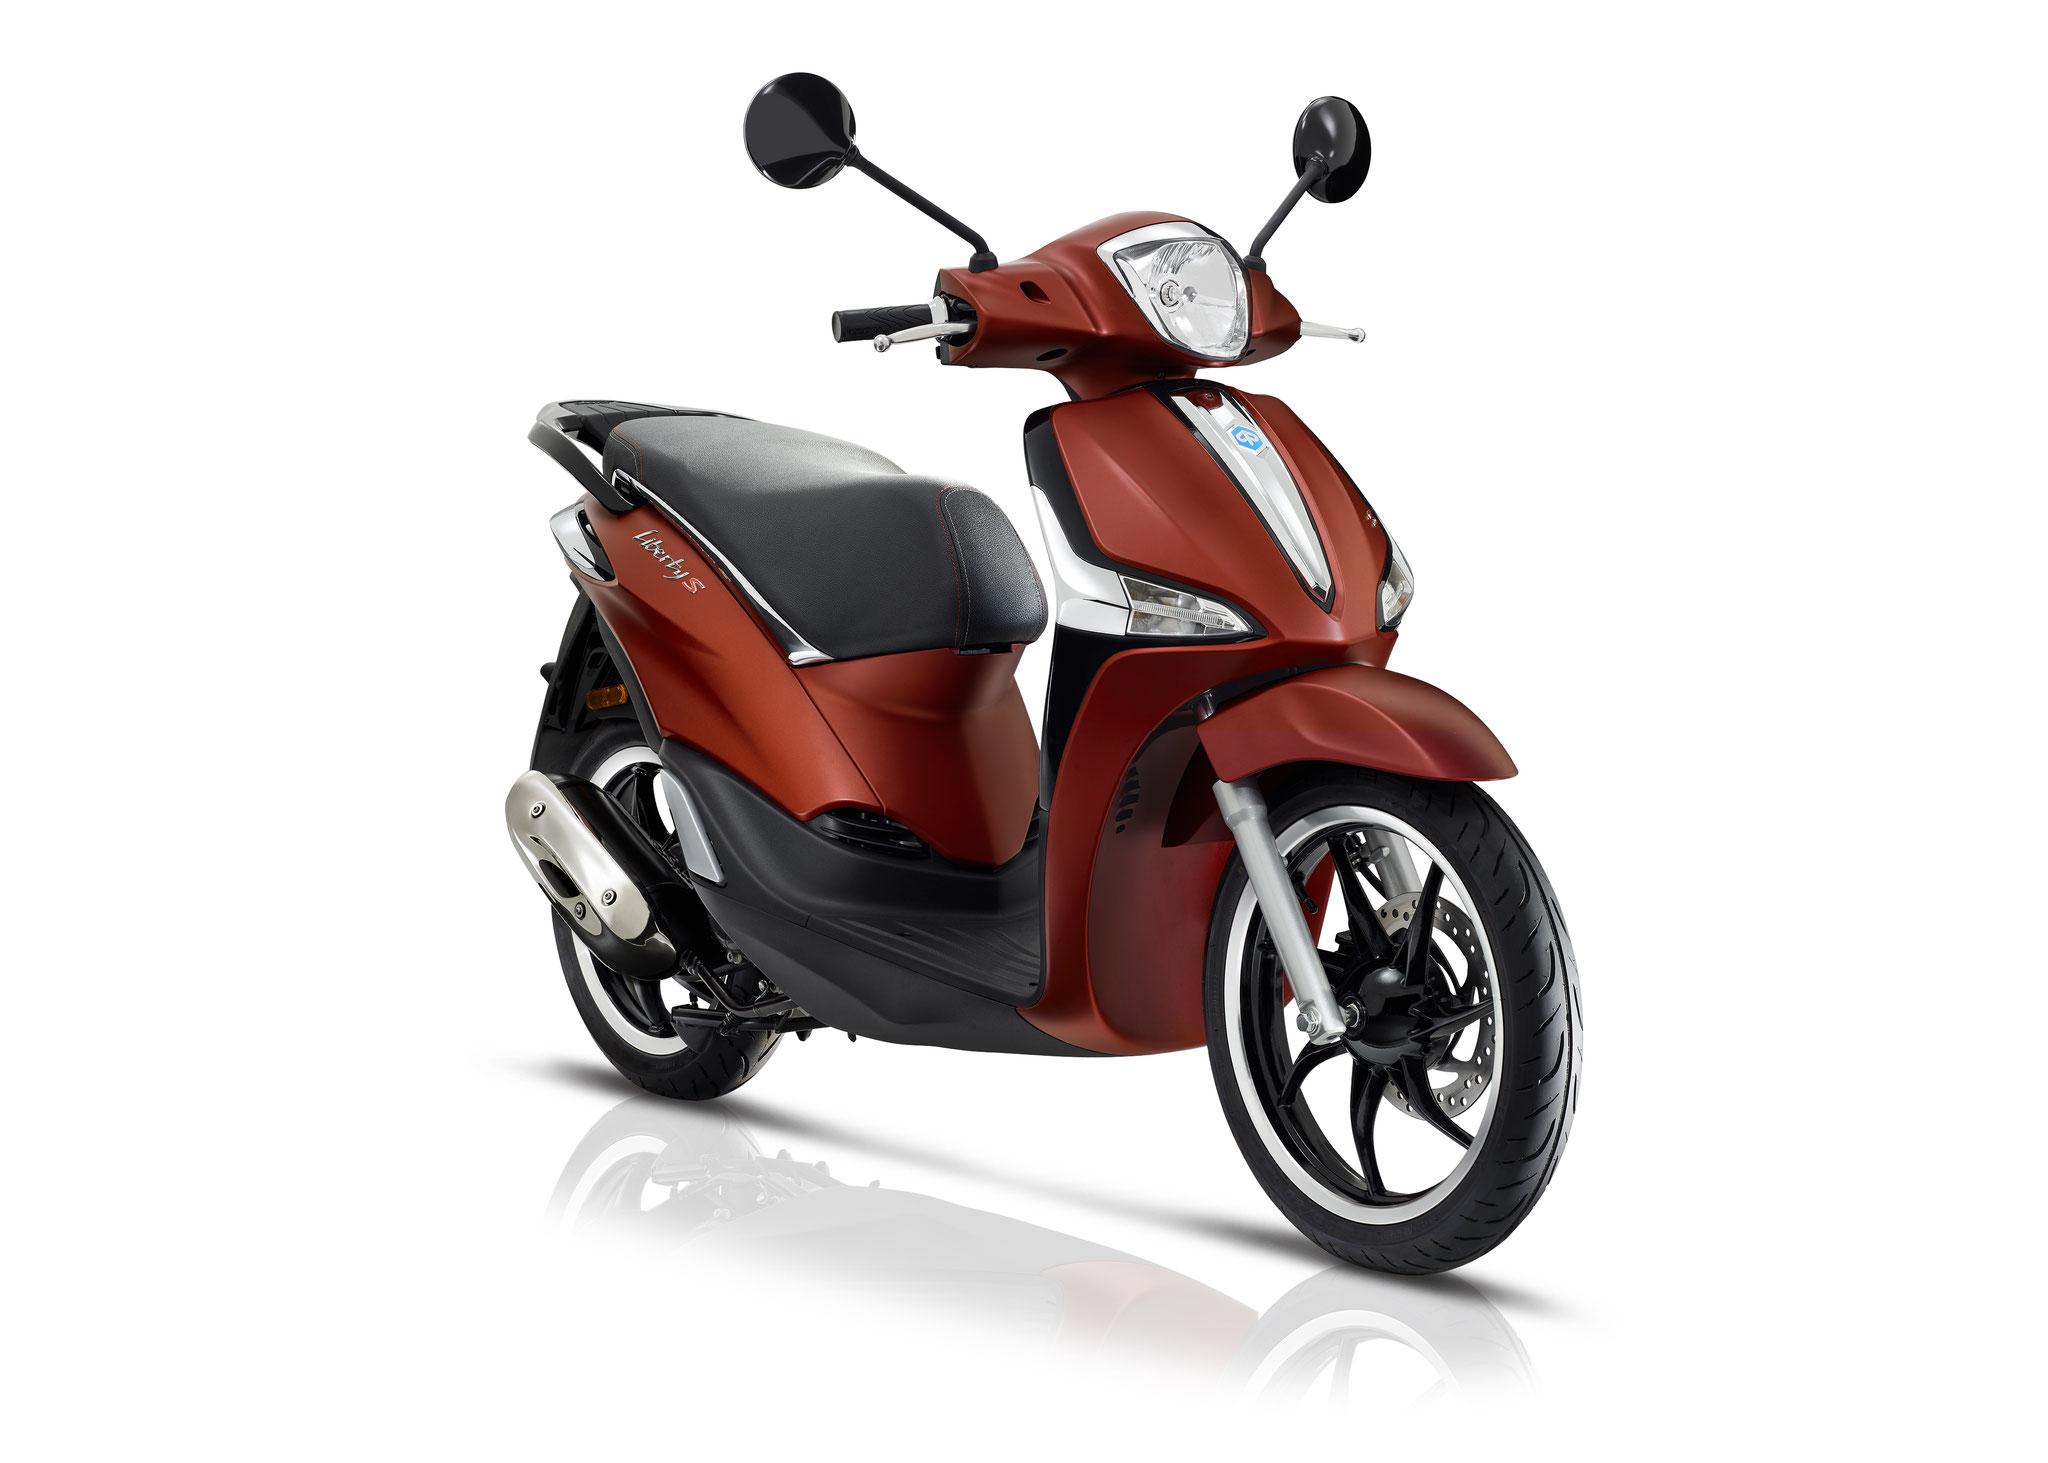 Piaggio Liberty Sport 4t3v Iget Euro4 25/45 km/h wit: € 2659,- Voor meer informatie, klik op de foto.